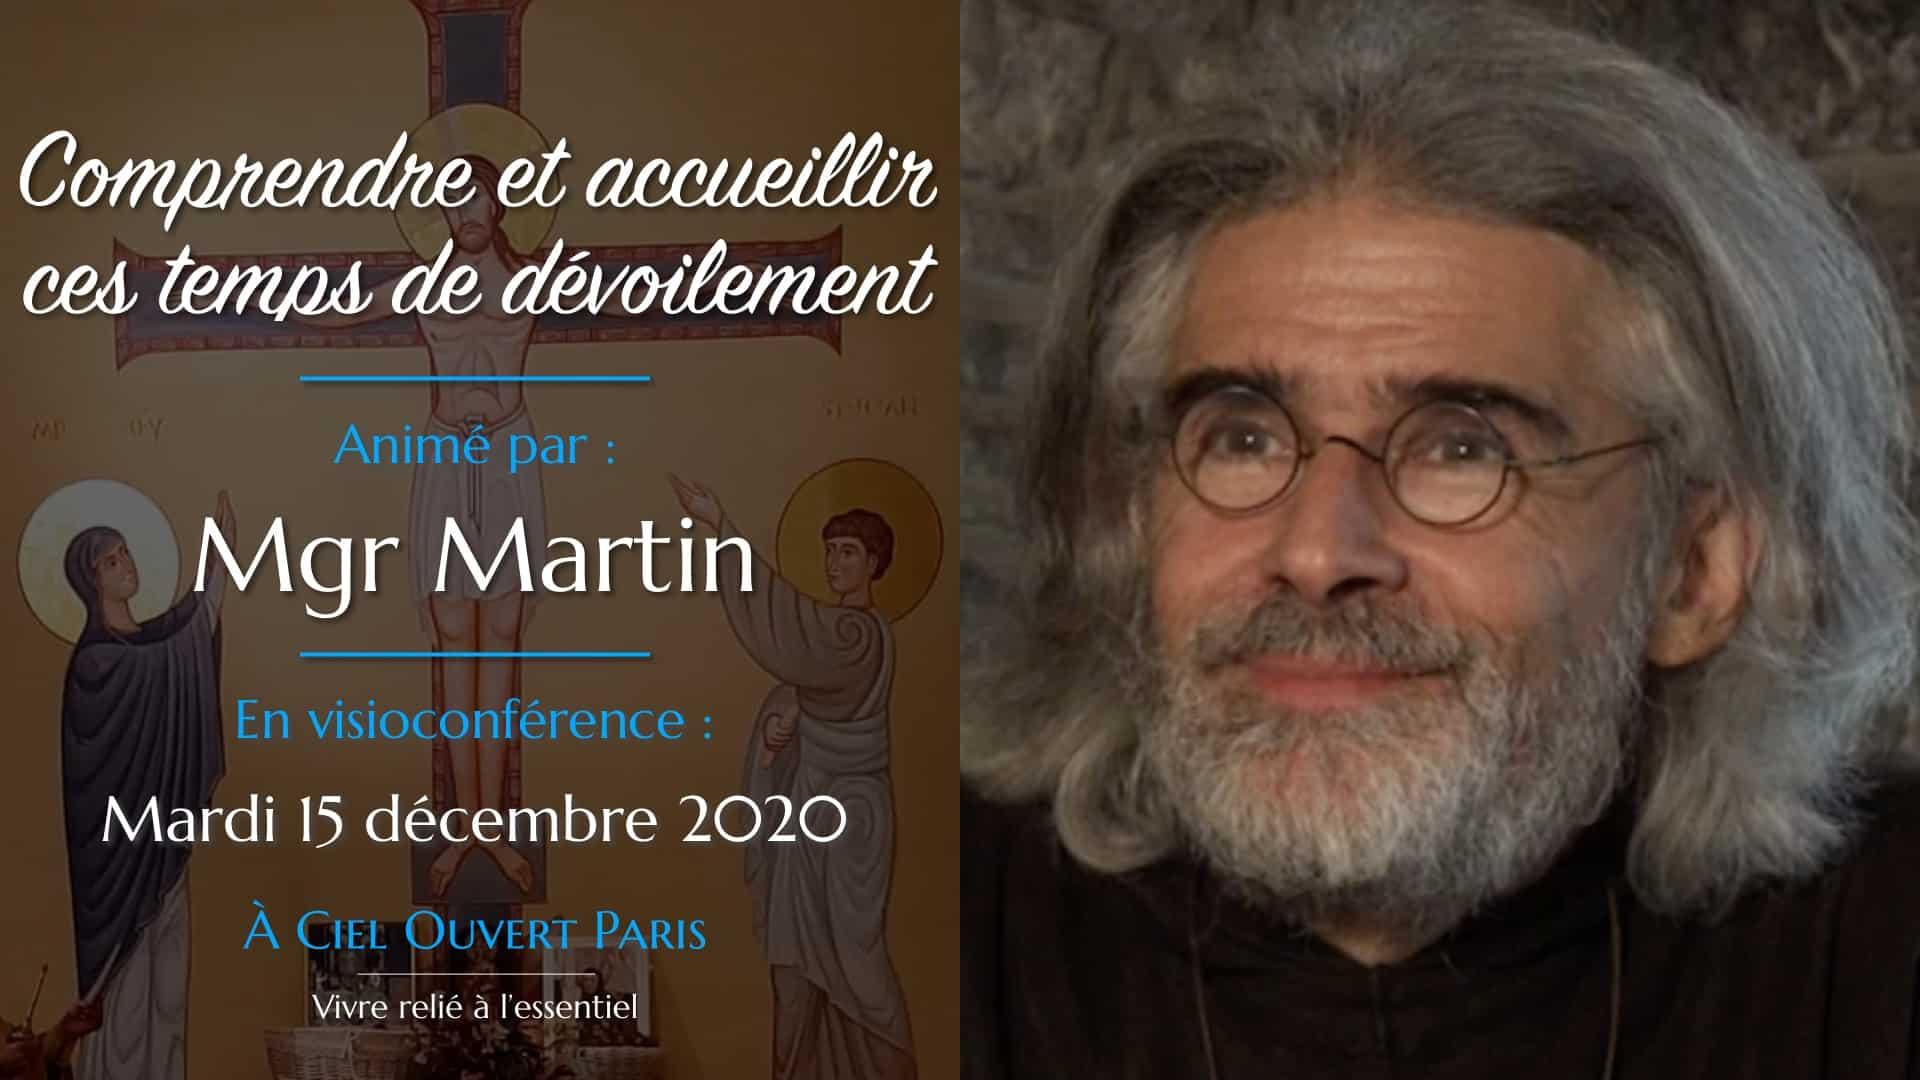 Comprendre et accueillir ces temps de dévoilement – Monseigneur Martin